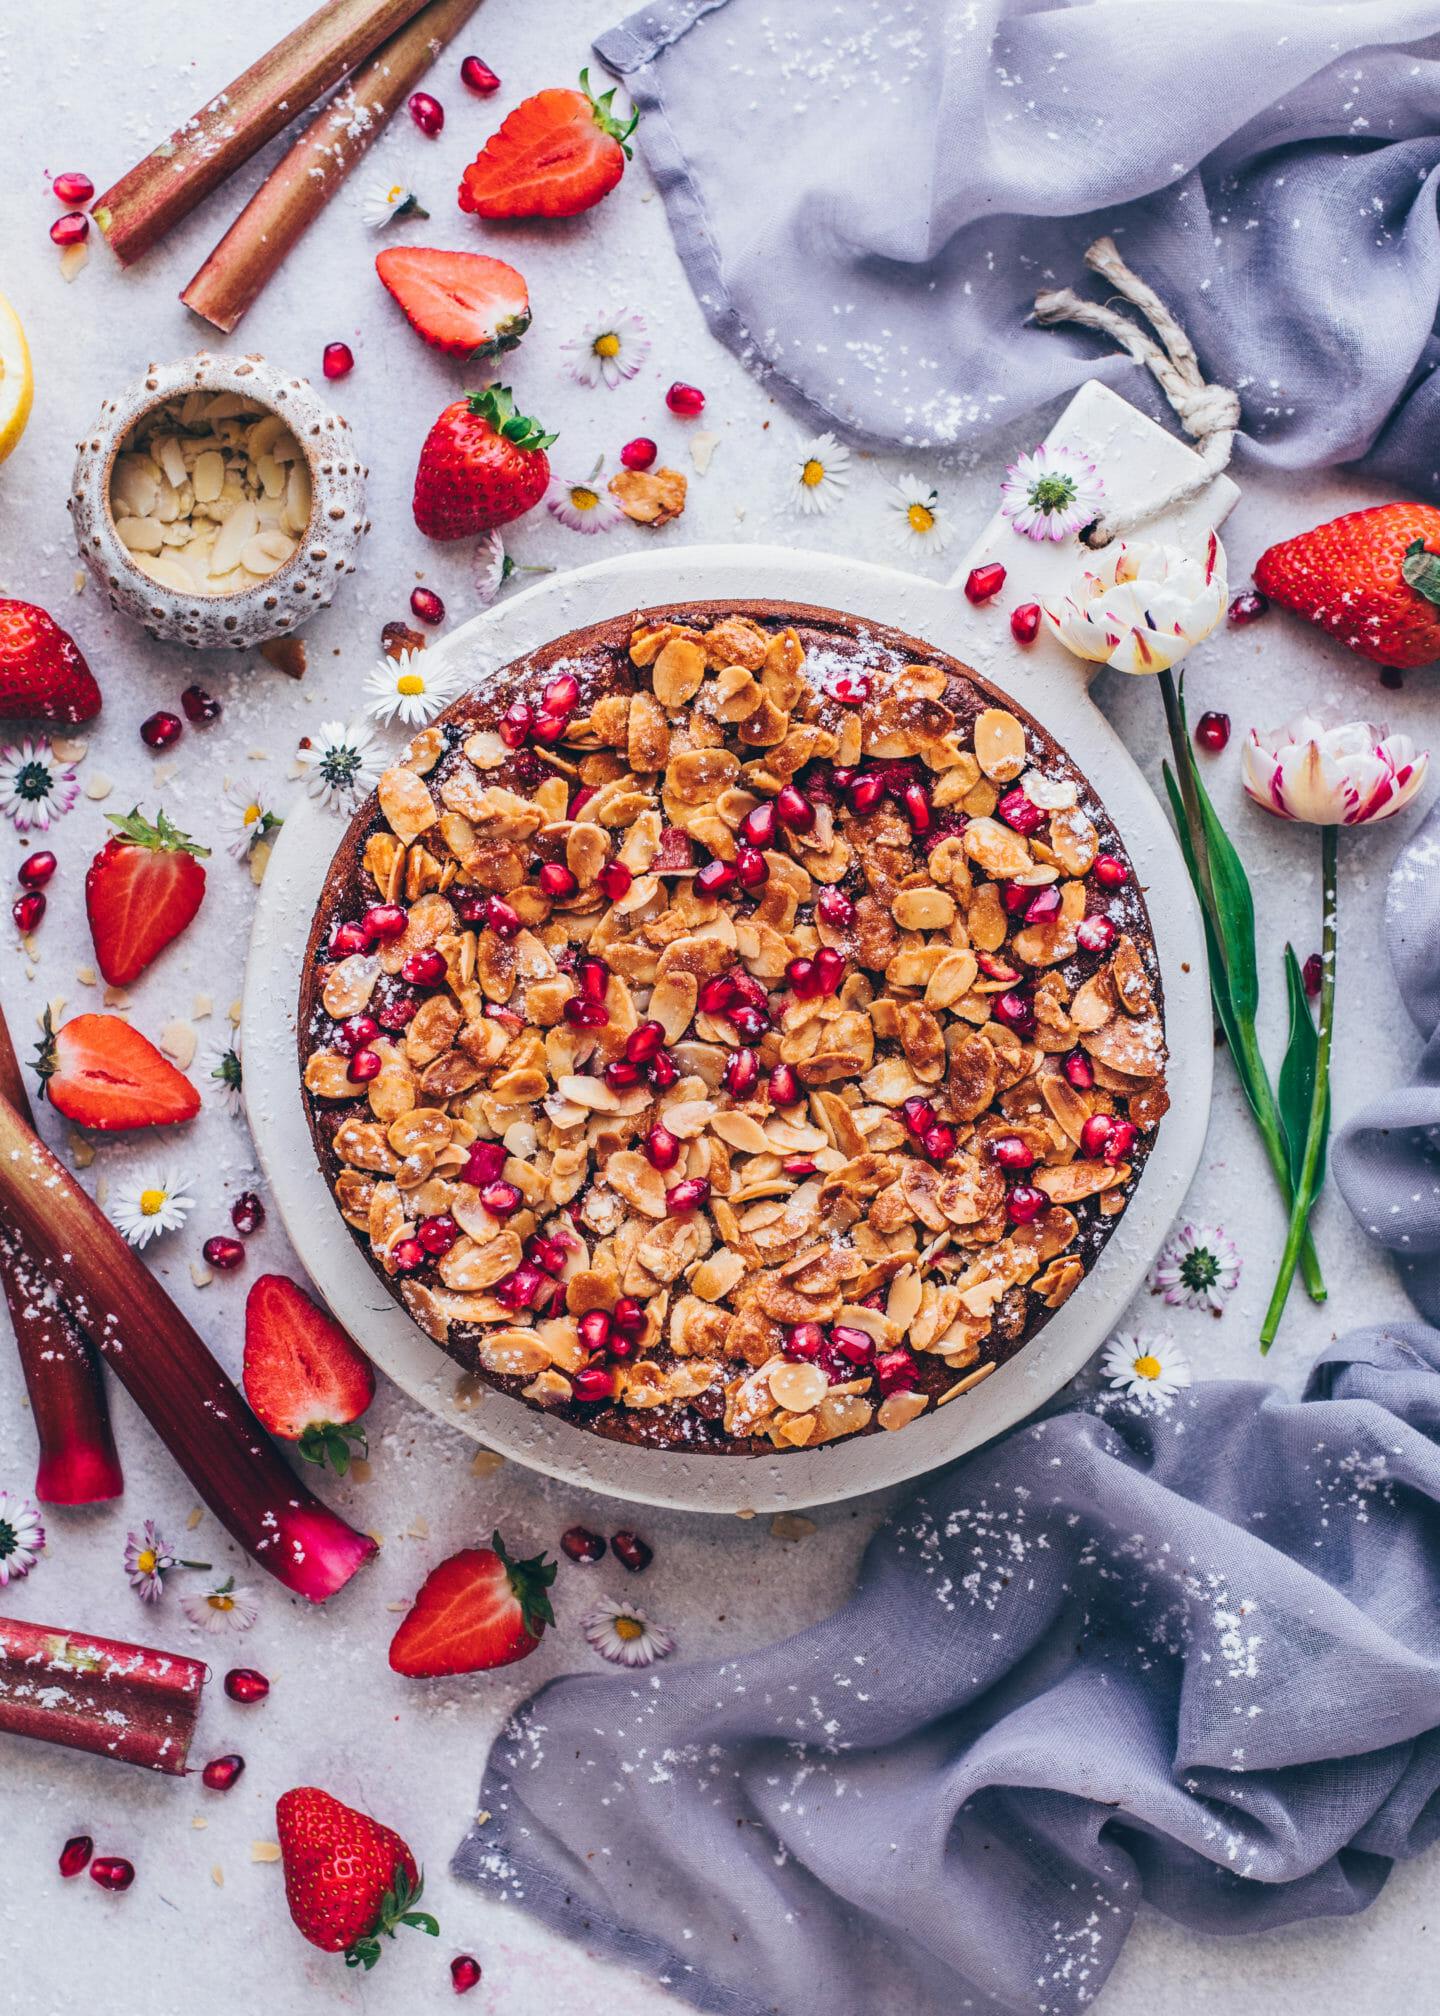 Erdbeer-Rhabarber-Kuchen mit Mandeln und Granatapfel (Food Fotografie, Food Styling)